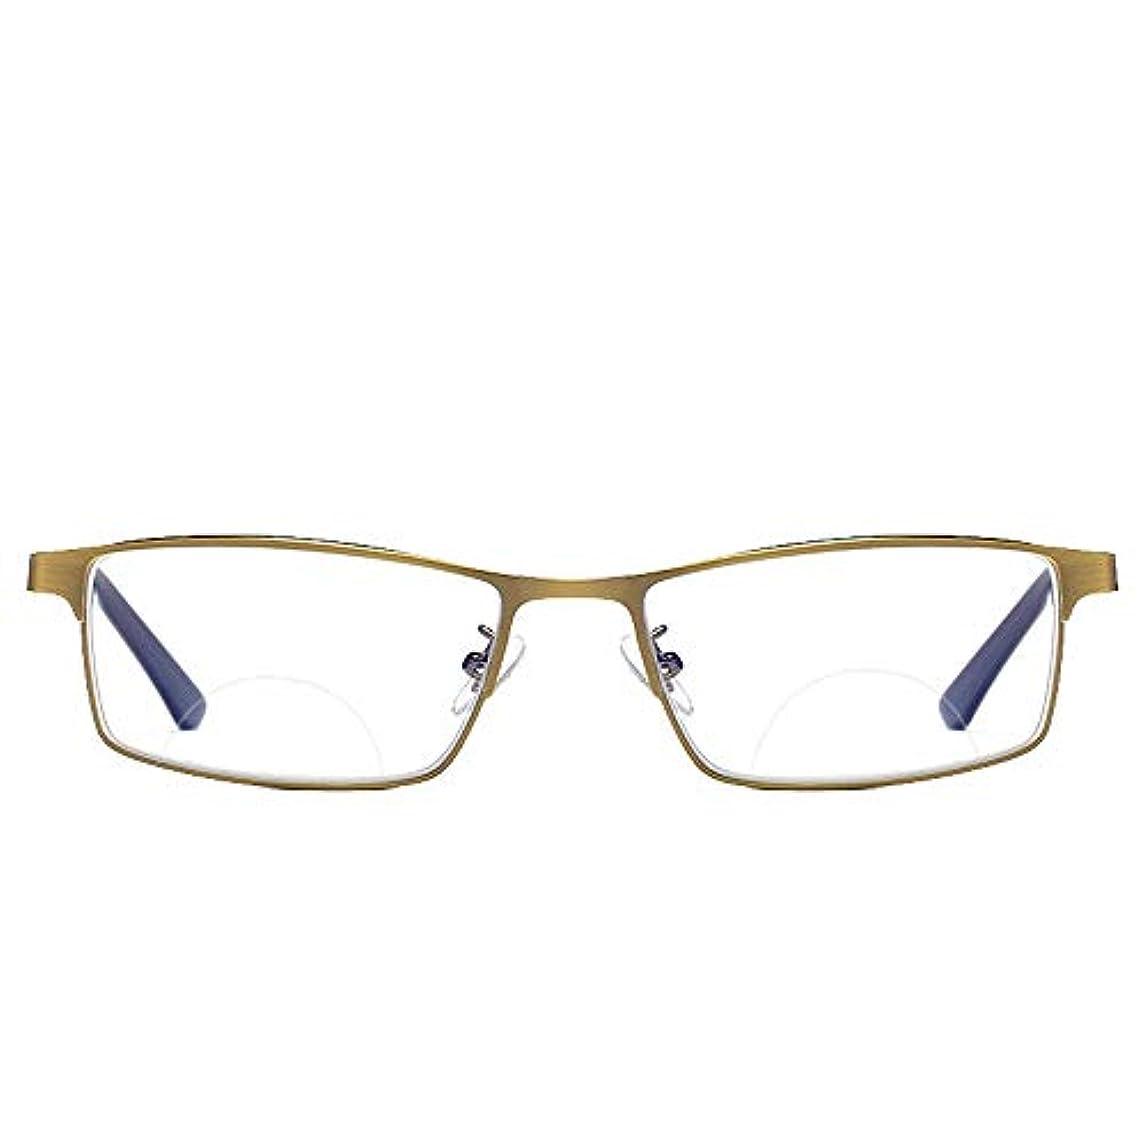 スマート老眼鏡、 変色多機能ポータブルユニセックス滑り止めコンピュータリーダーメガネ、 新聞を読むのに適しているハイキング